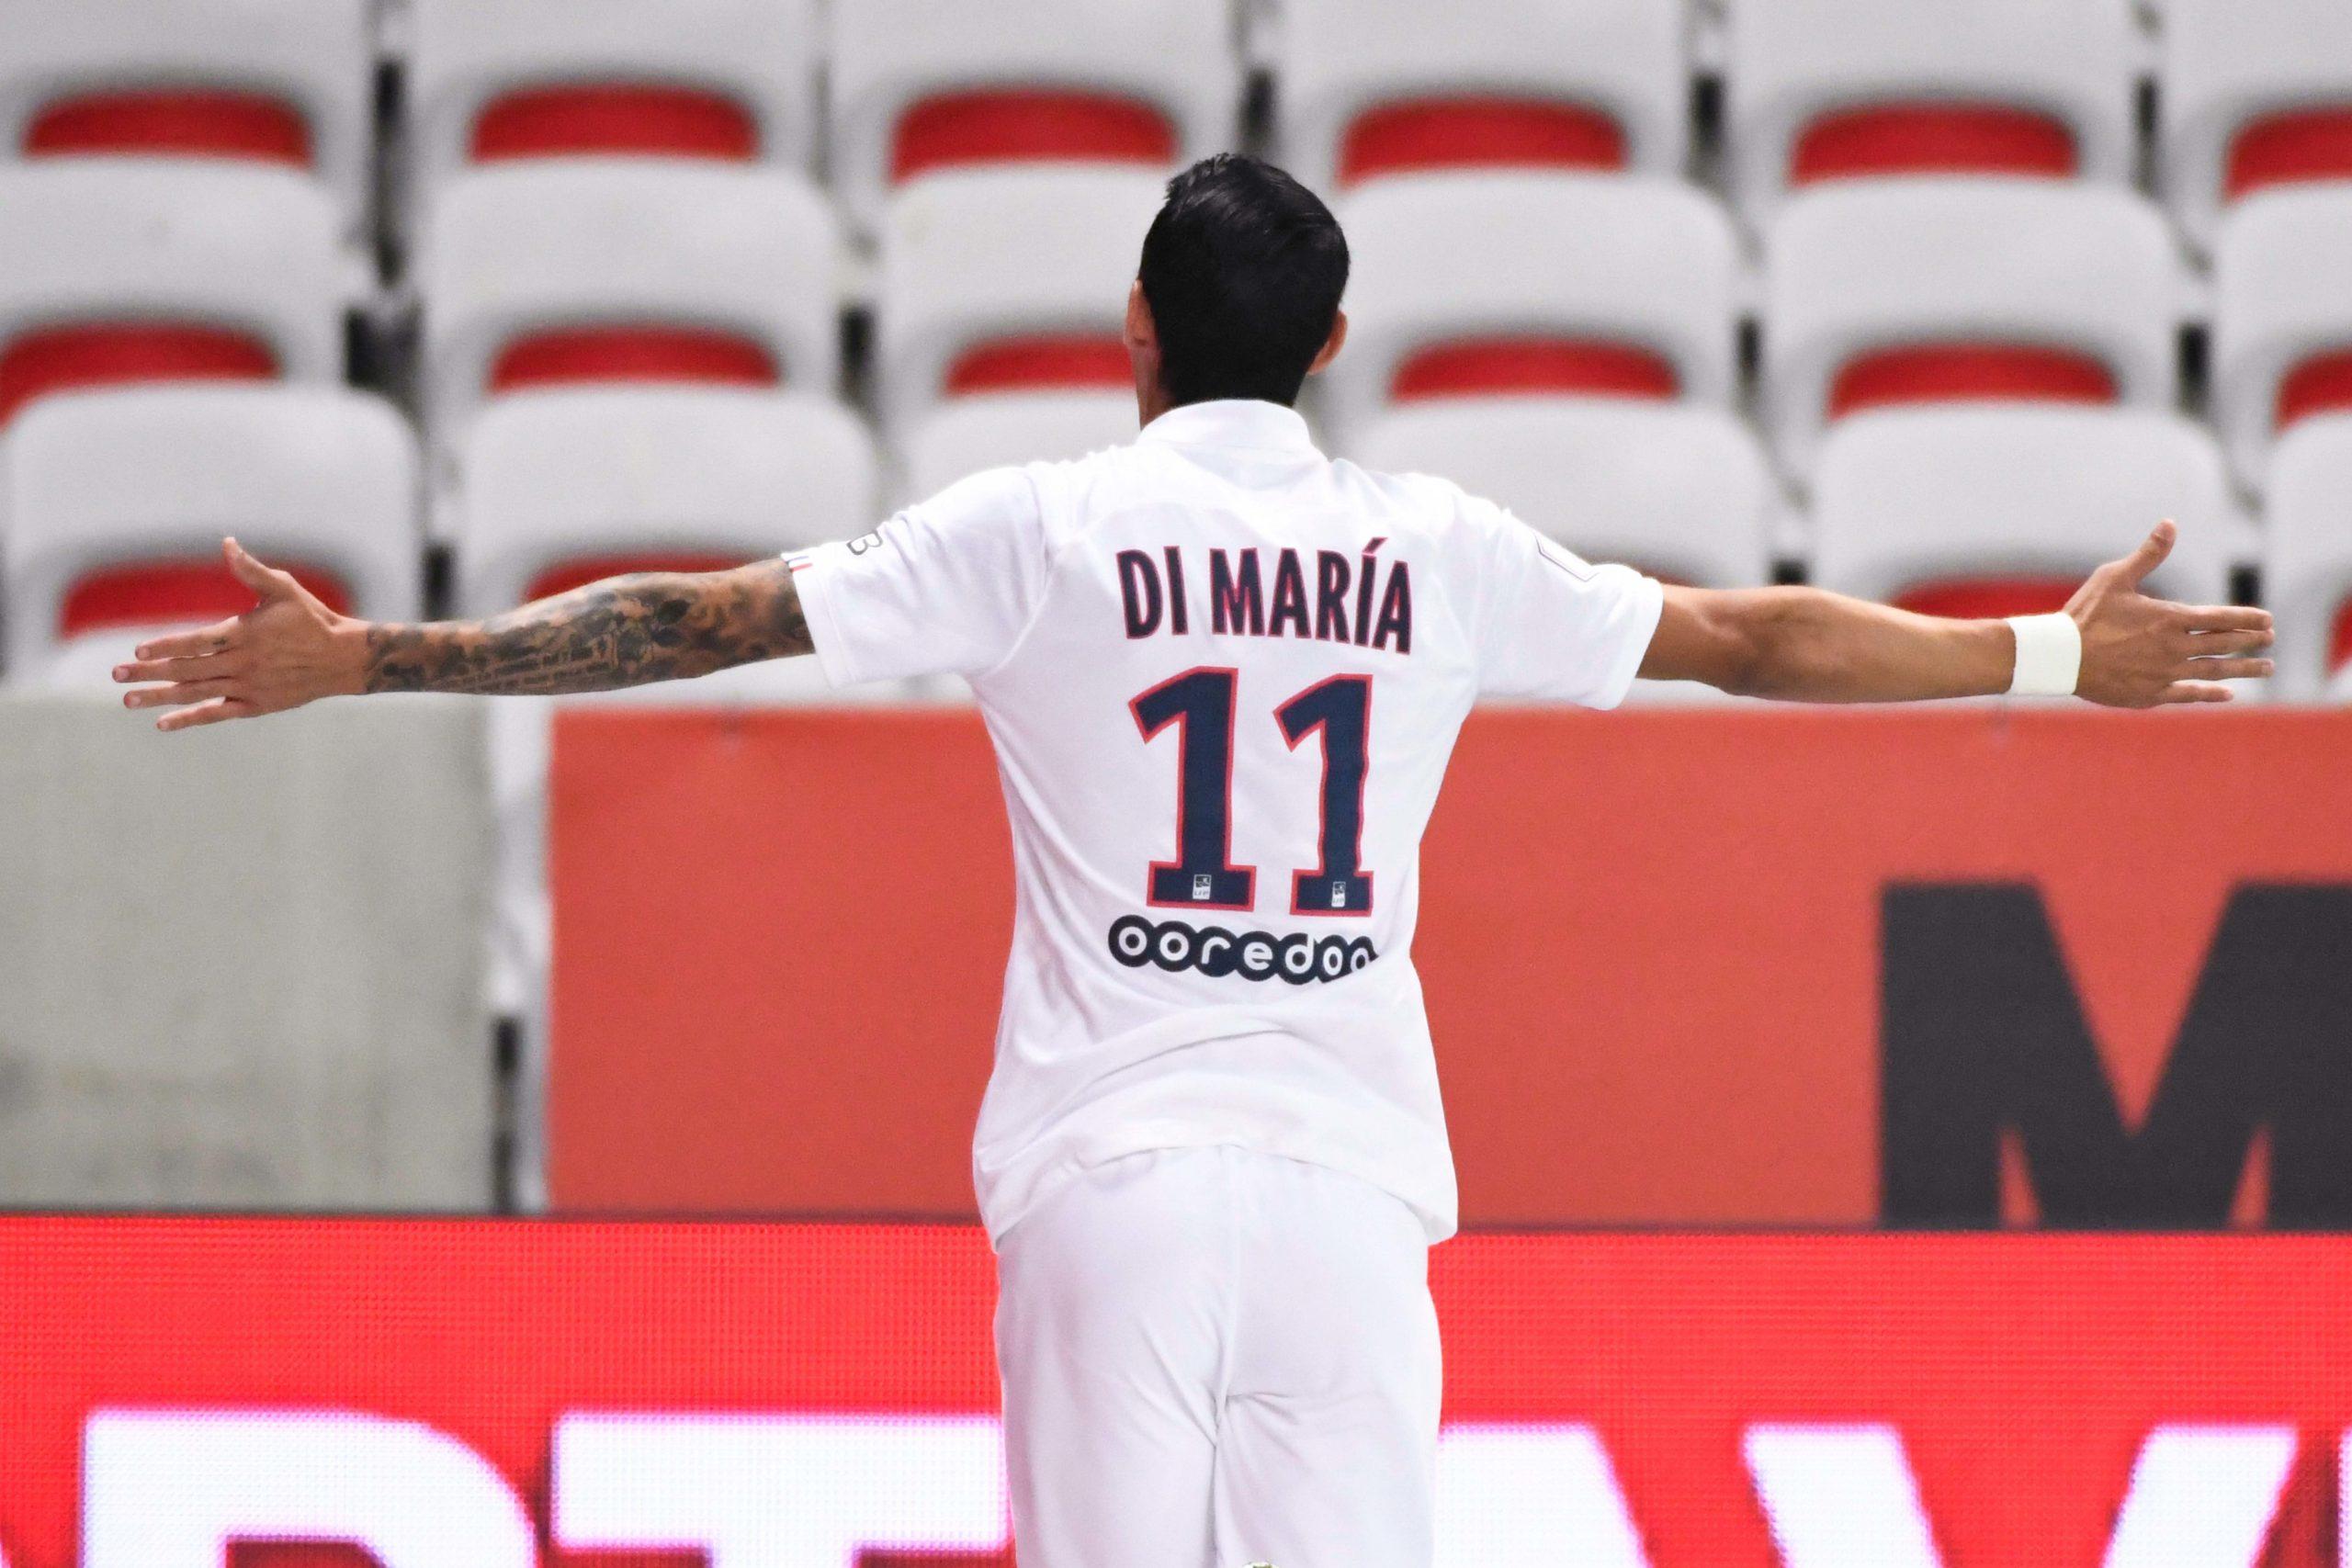 La plus belle réalisation du PSG cette saison, 2e manche : Le lob de Di Maria contre Nice s'impose